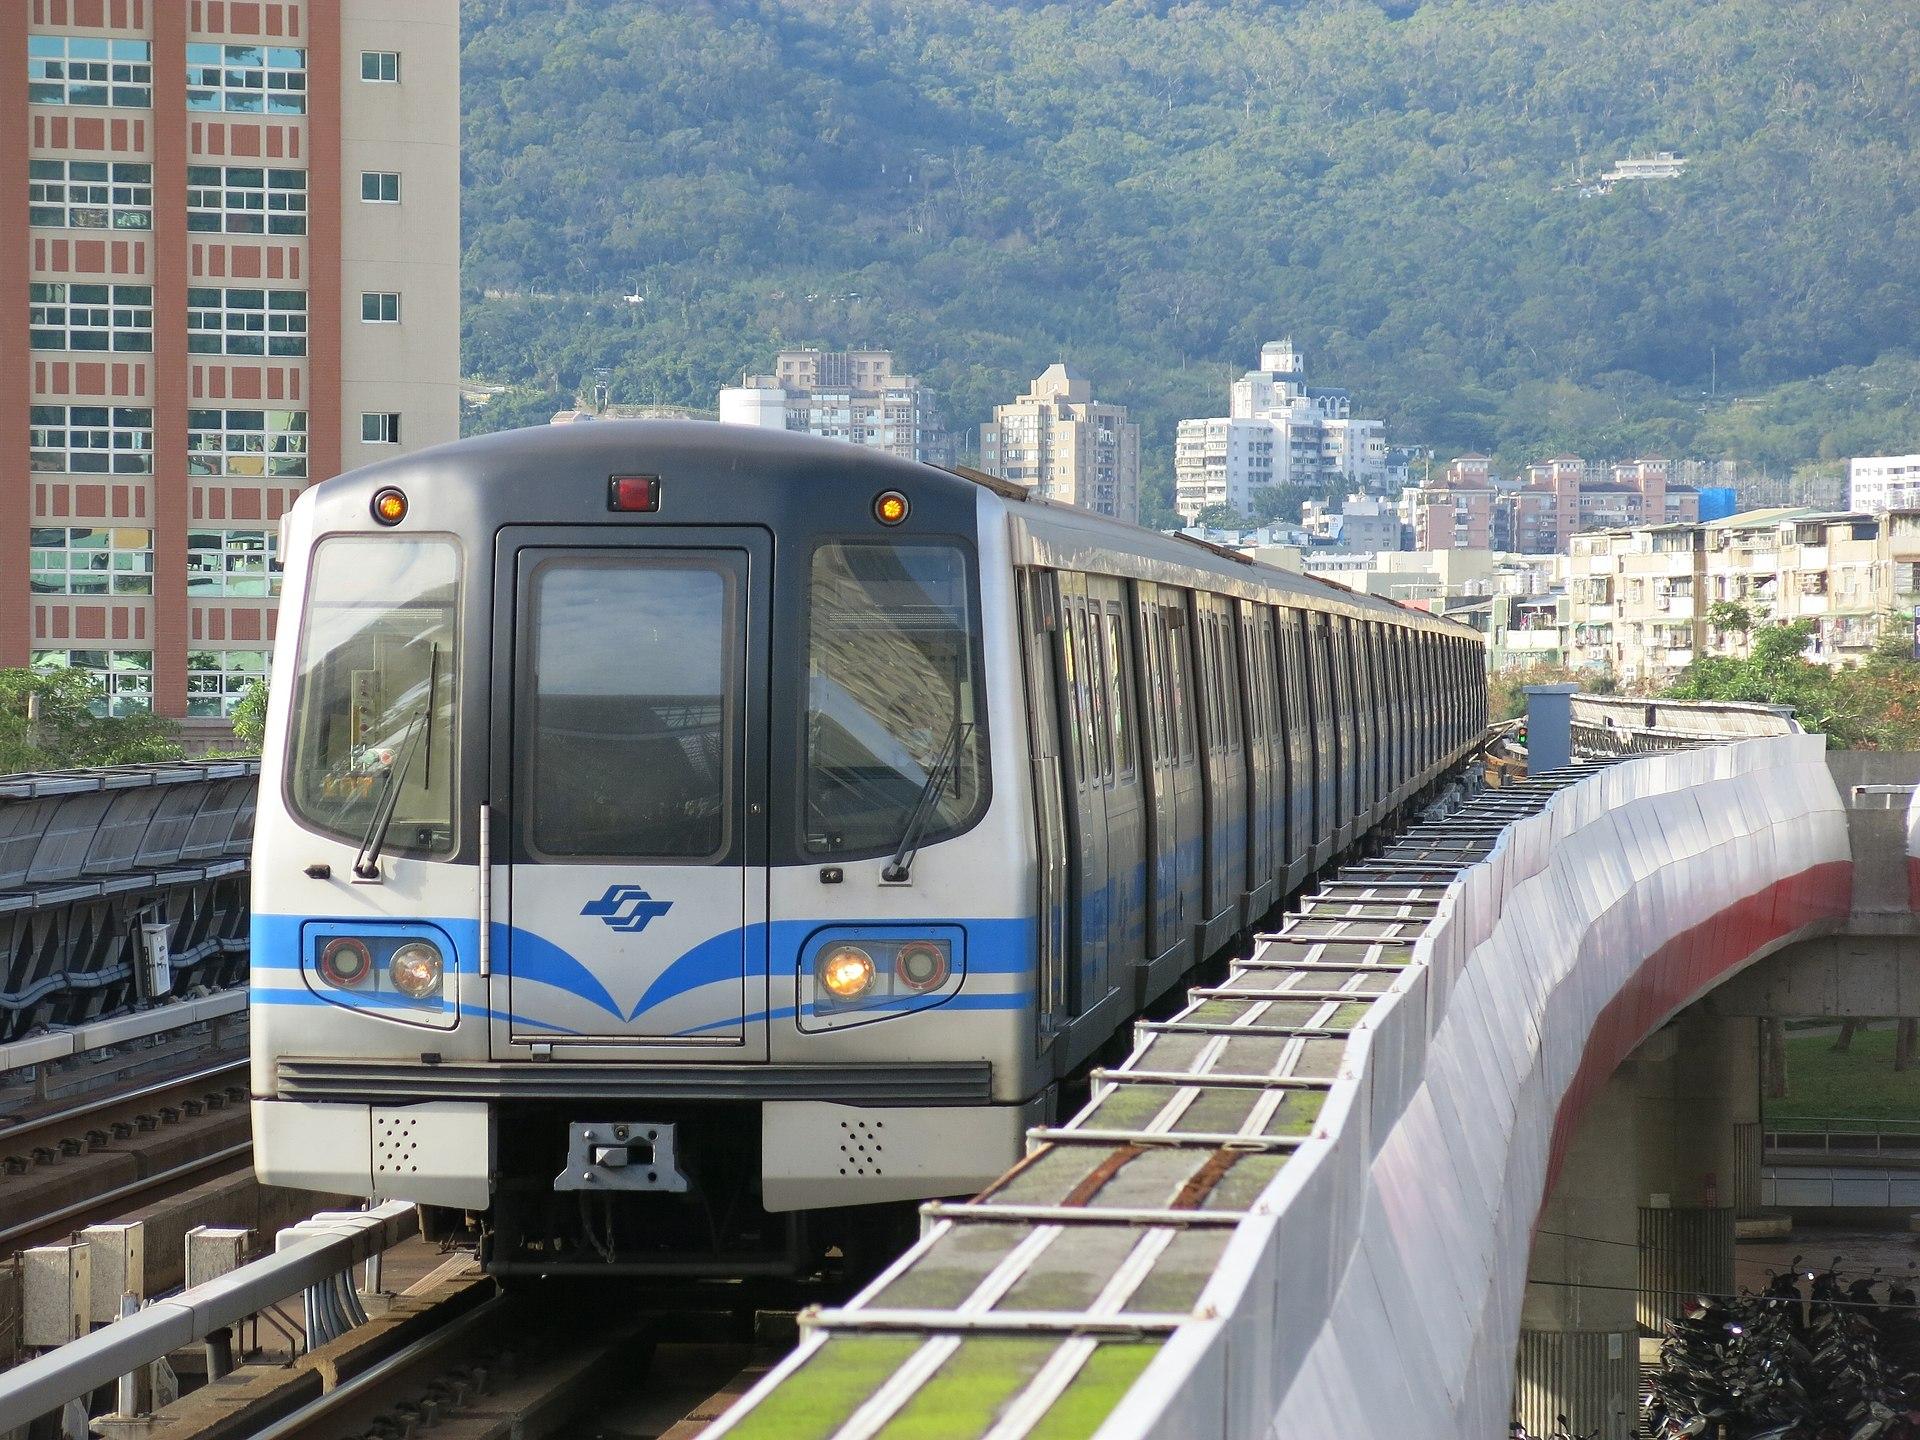 臺北捷運381型電車 - Wikipedia